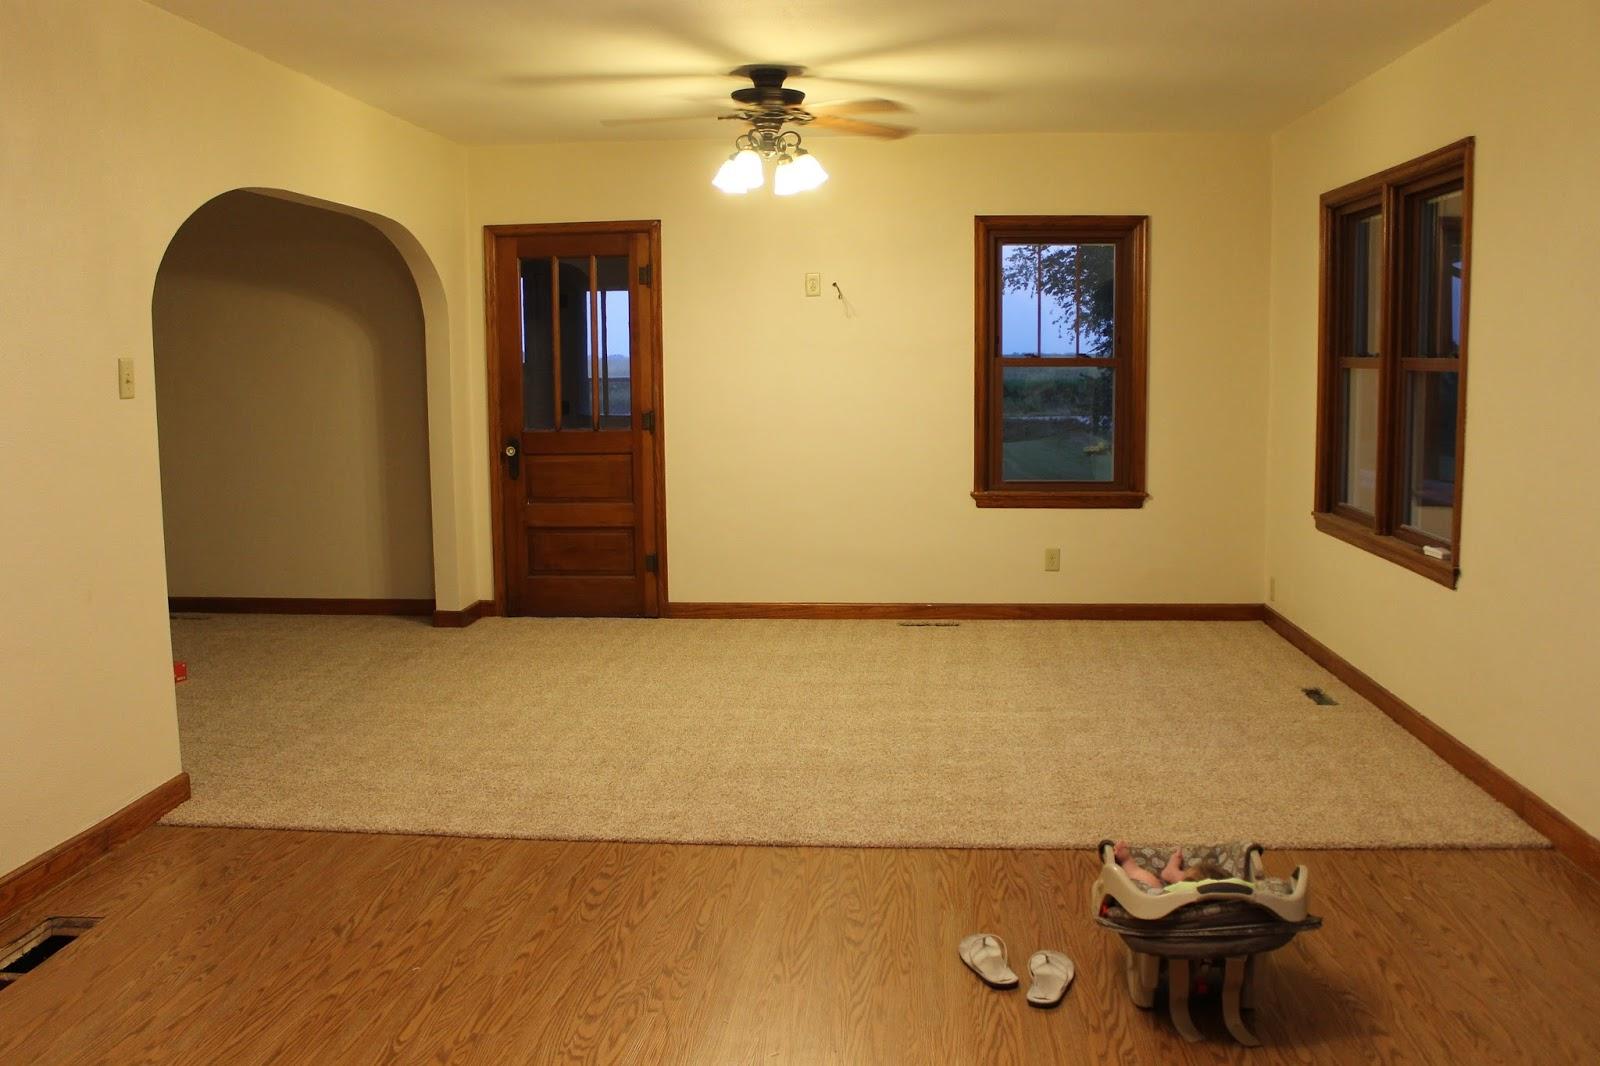 new carpet floors in living room